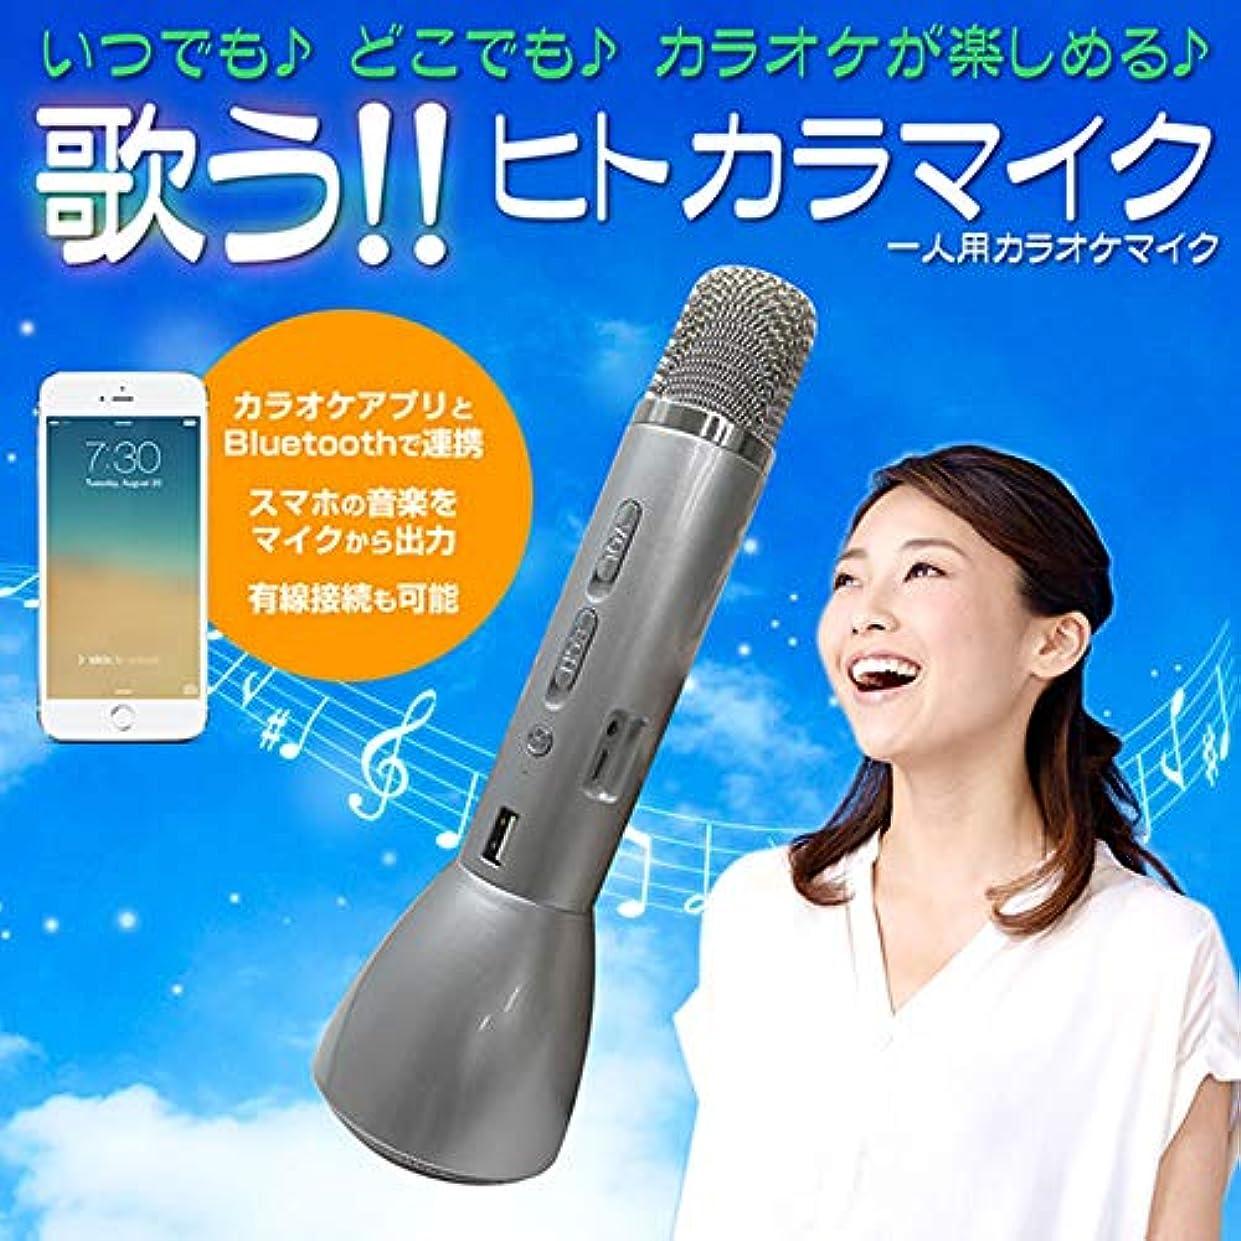 強化するカフェテリアうんカラオケ マイク KTV-MIC ブロードウォッチ 家庭用 Bluetooth USB充電 採点機能付き 一人カラオケ